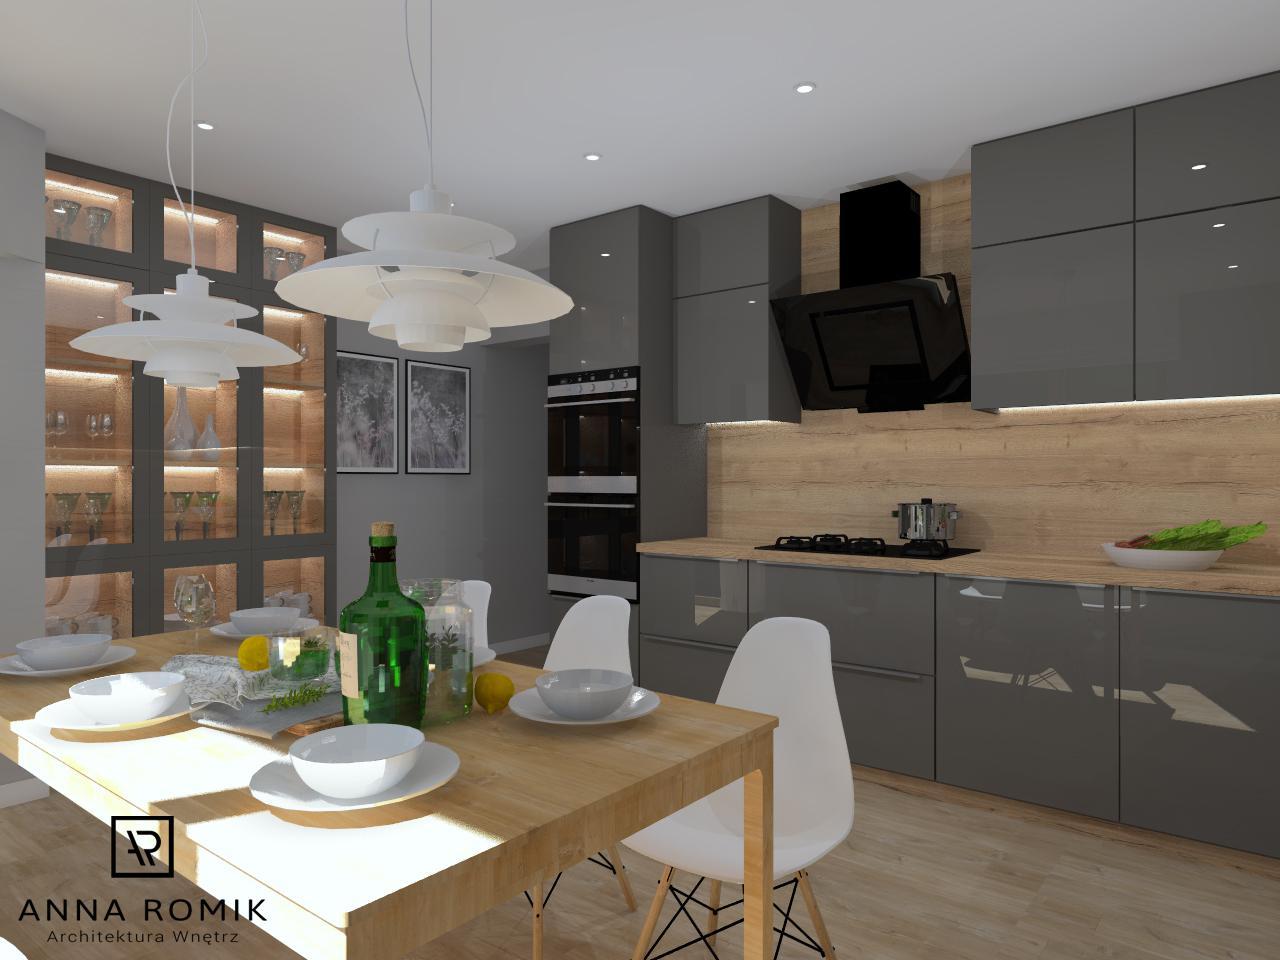 Kuchnia Woźniki 16 M2